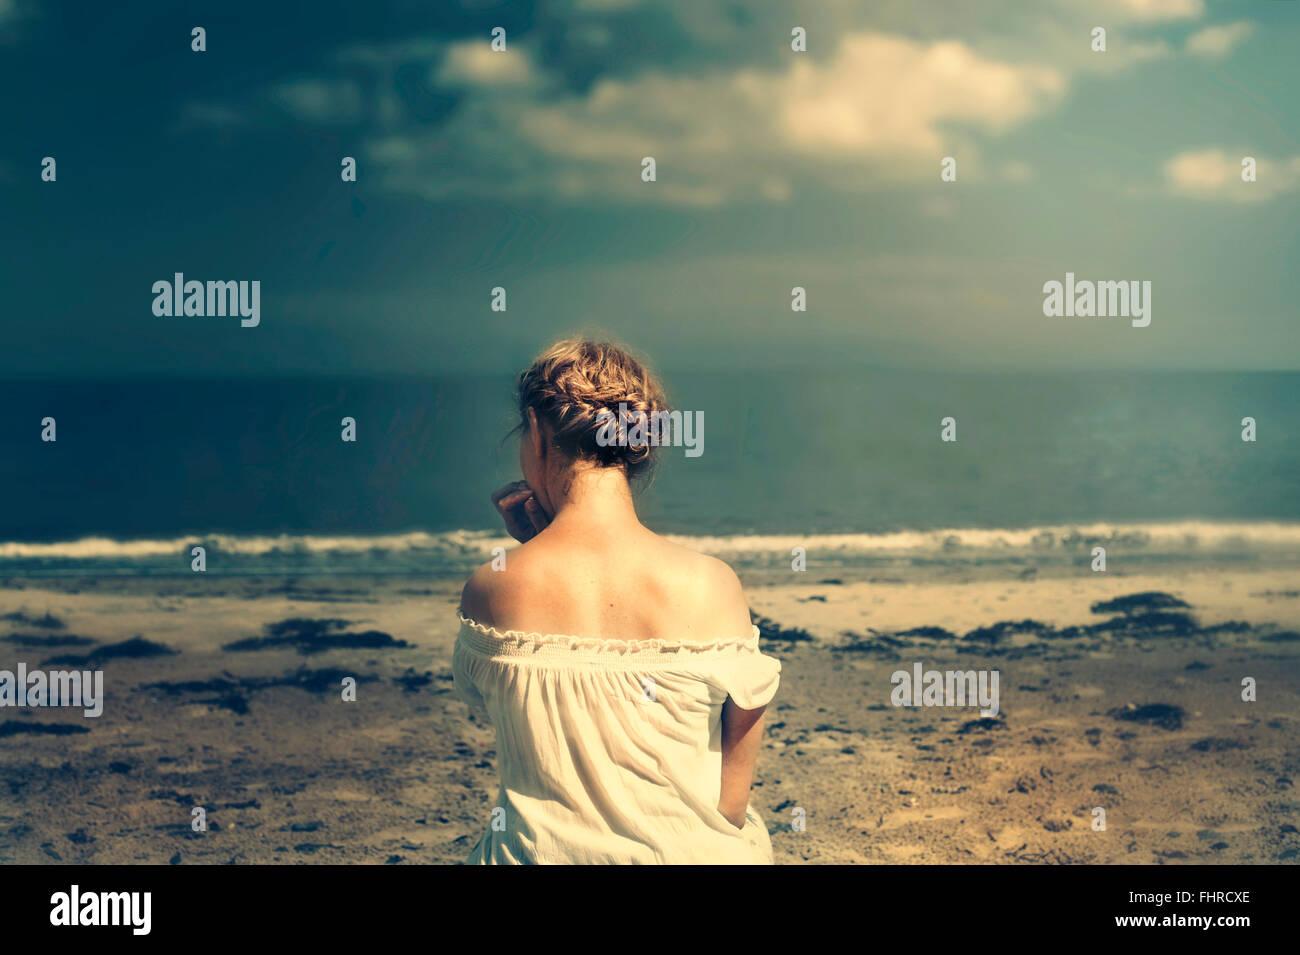 Mujer joven sentado en la playa Imagen De Stock